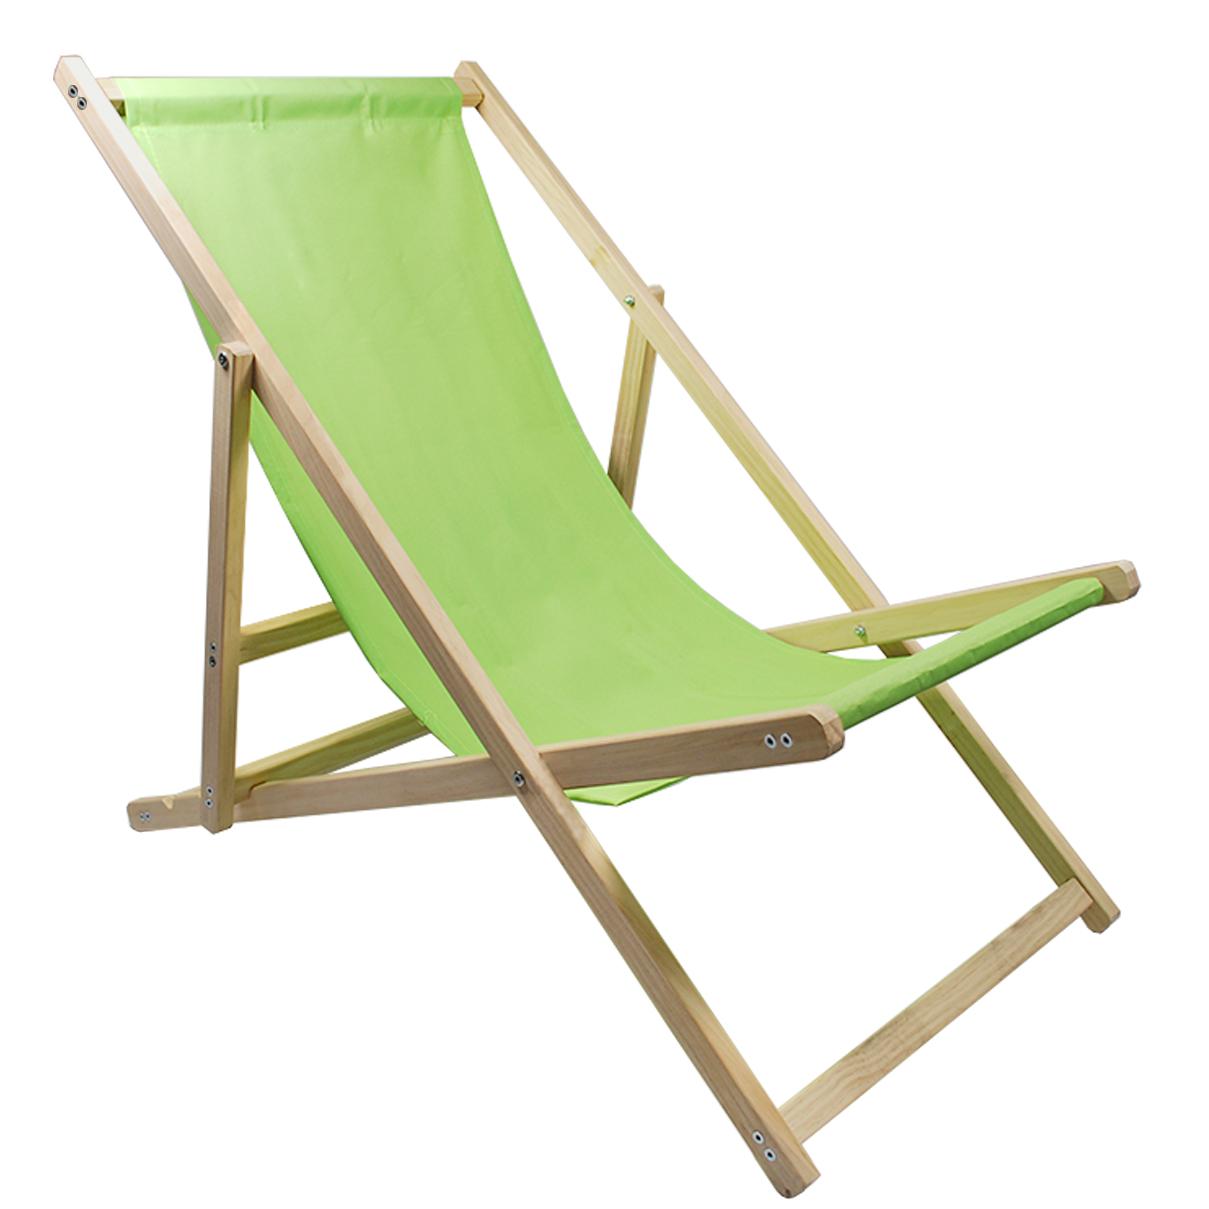 Full Size of Liegestuhl Klappbar Ikea Holz Garten Metall Obi Alu Lidl Mein Küche Kosten Ausklappbares Bett Betten Bei Sofa Mit Schlaffunktion Kaufen 160x200 Ausklappbar Wohnzimmer Liegestuhl Klappbar Ikea